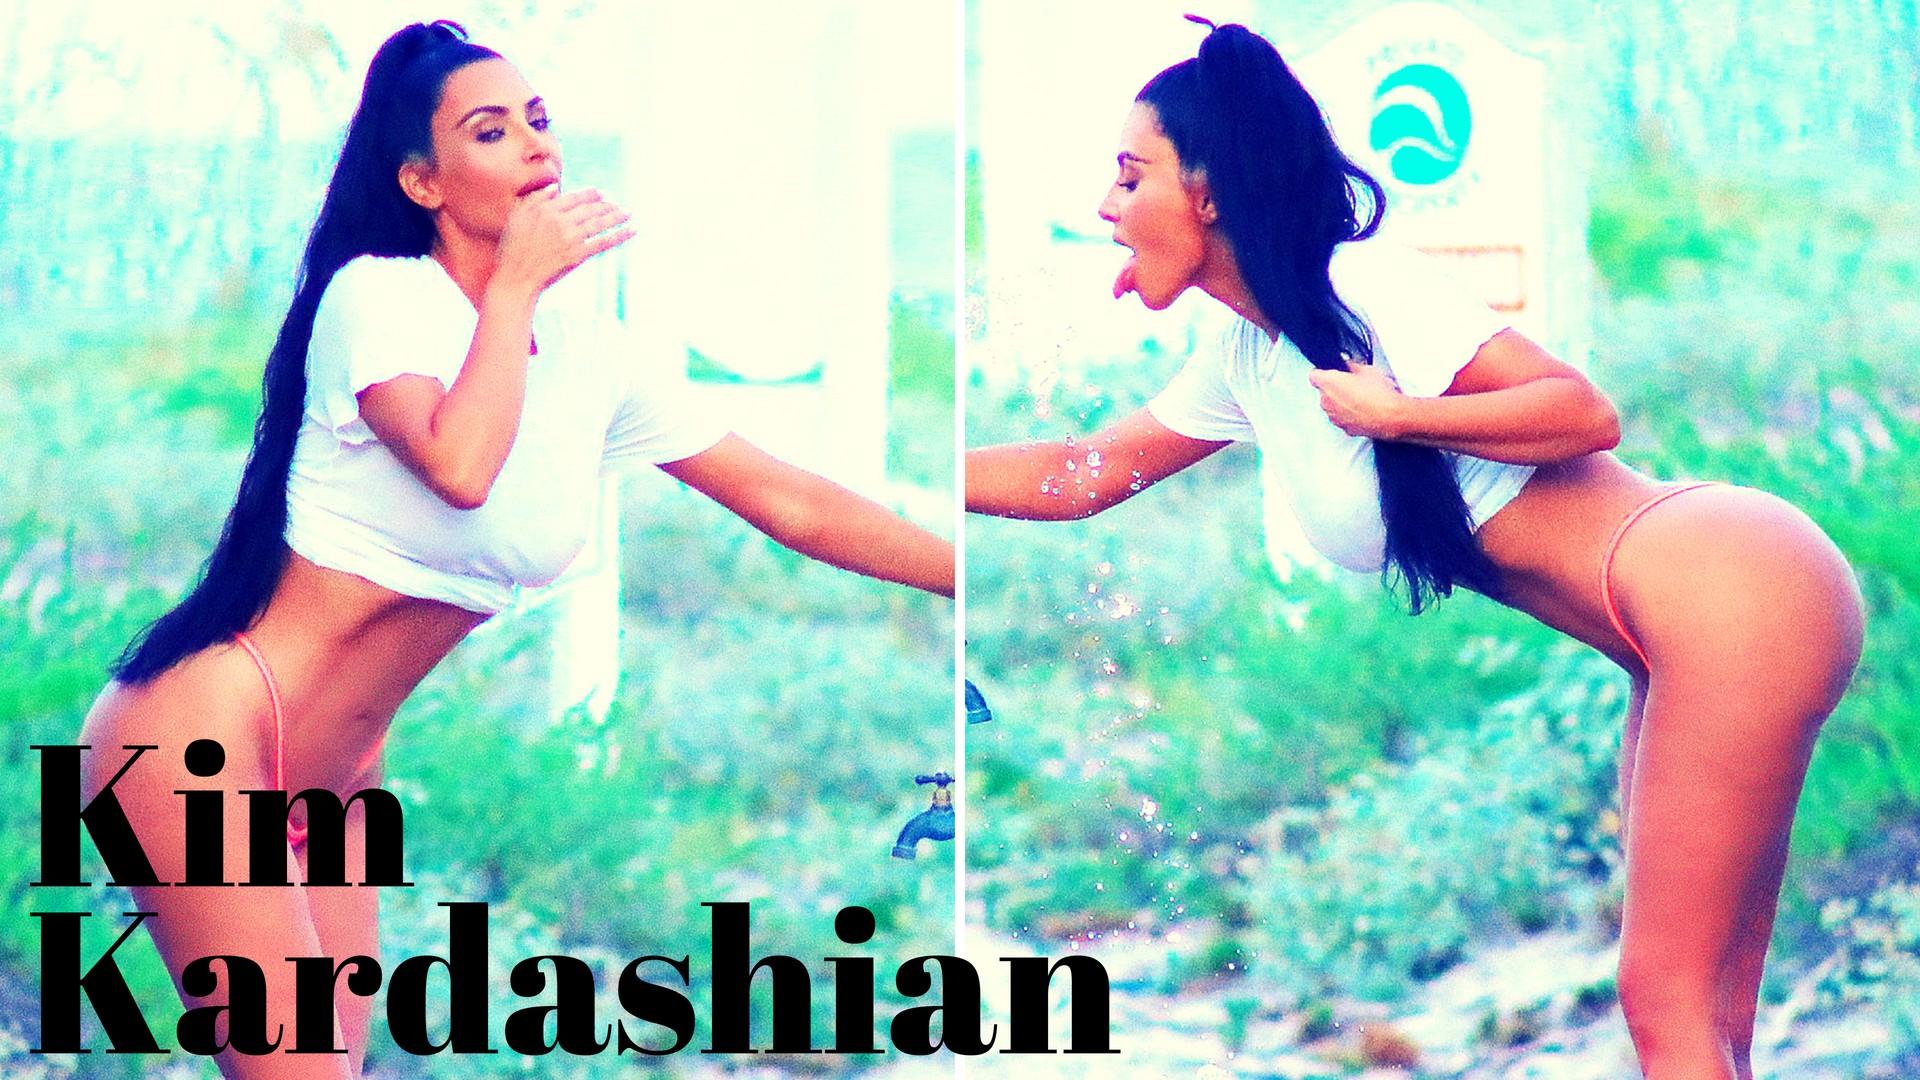 Hot Kim Kardashian Bikini show in Miami Beach - Sexy Actress Pictures | Hot Actress Pictures - ActressSnaps.com